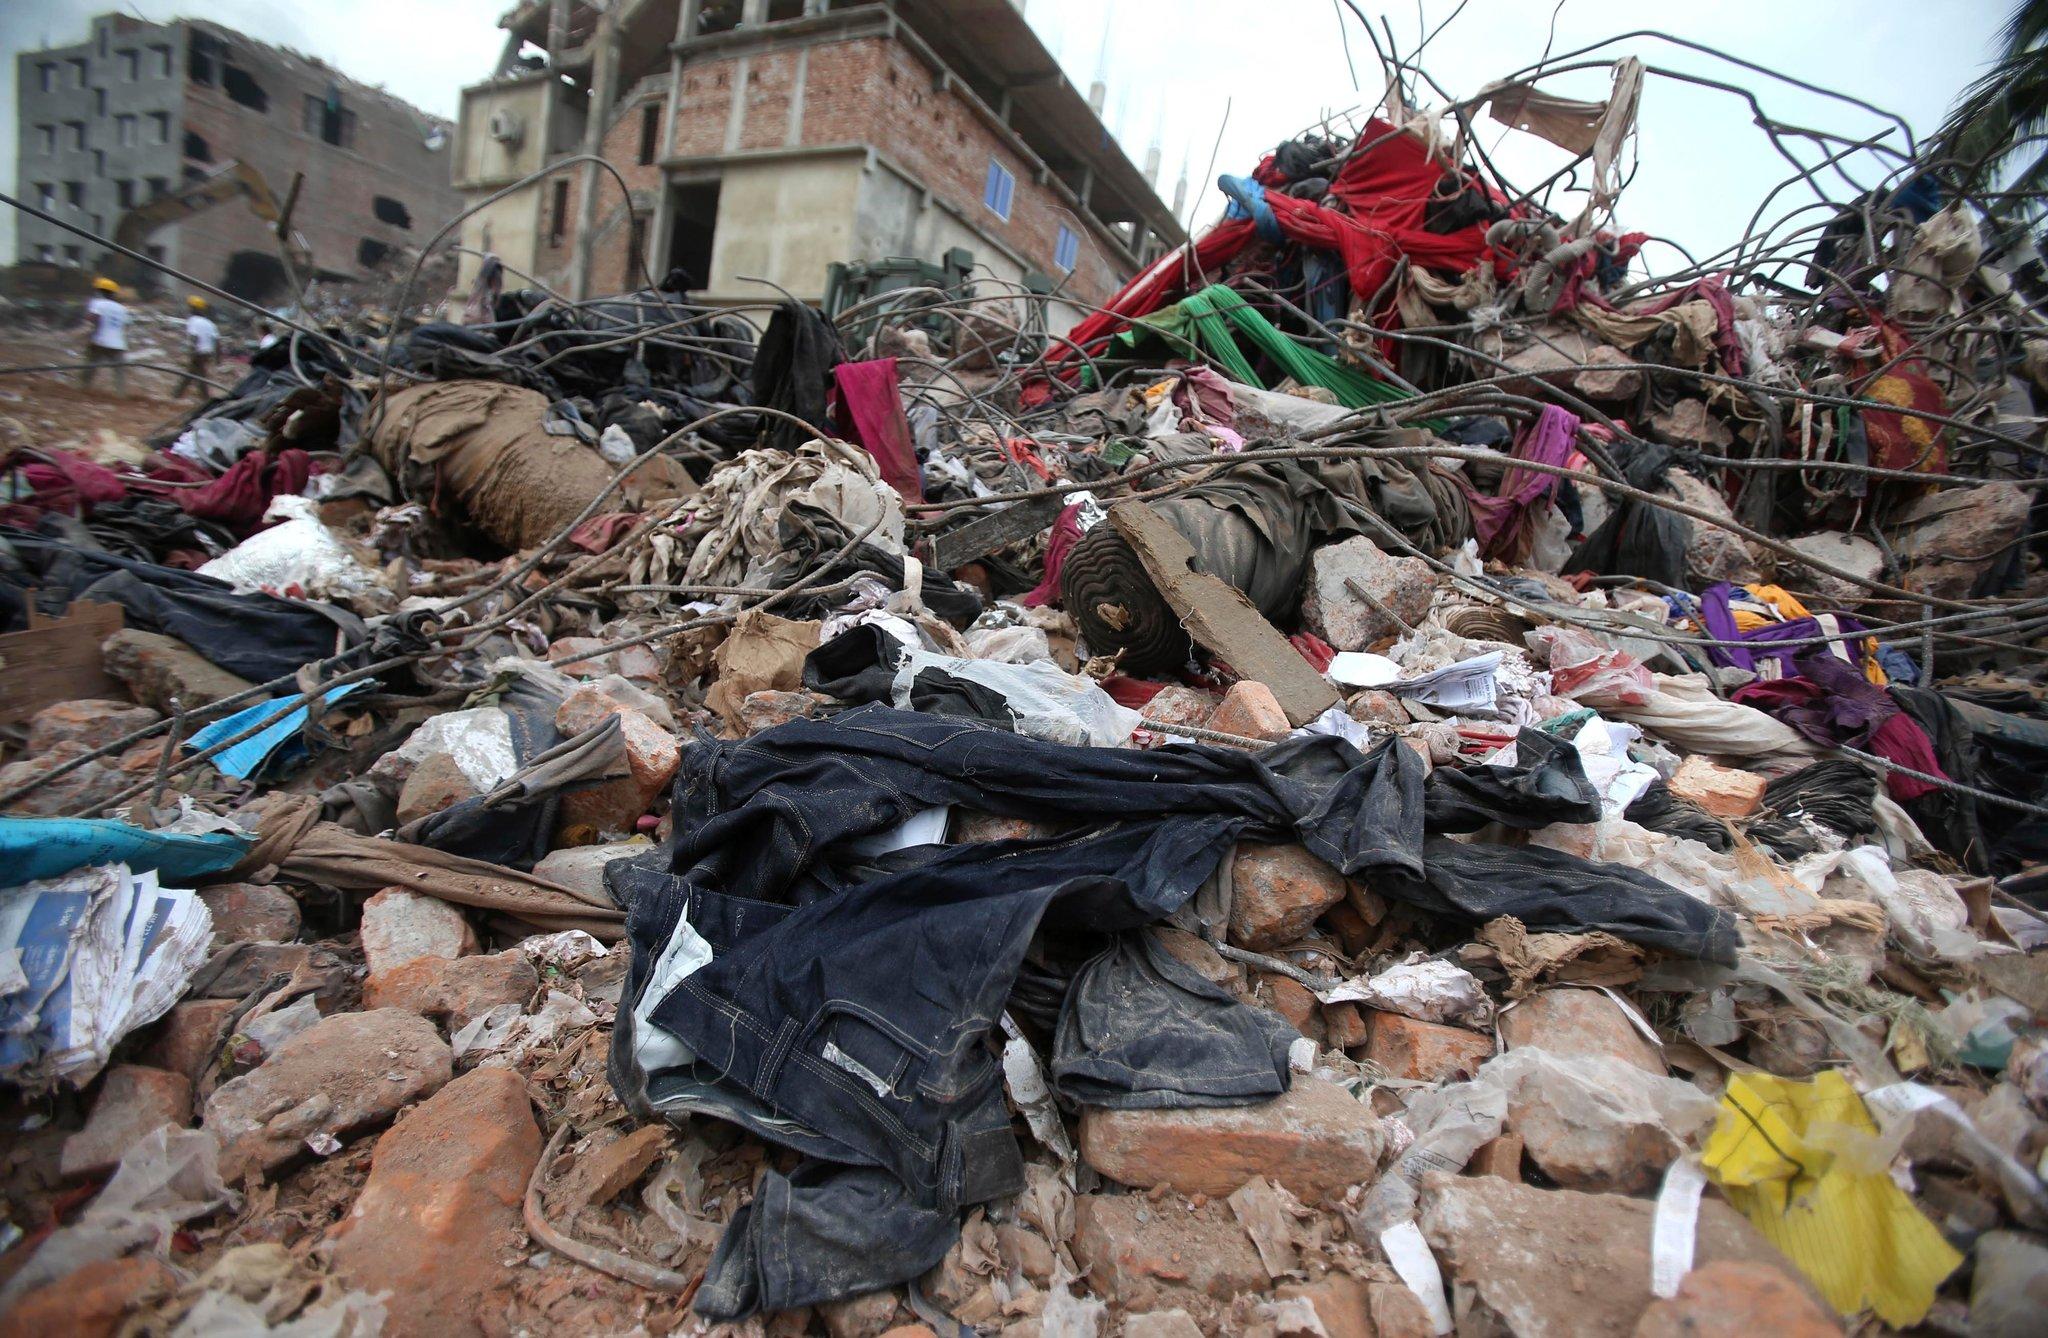 fast fashions environmental impact